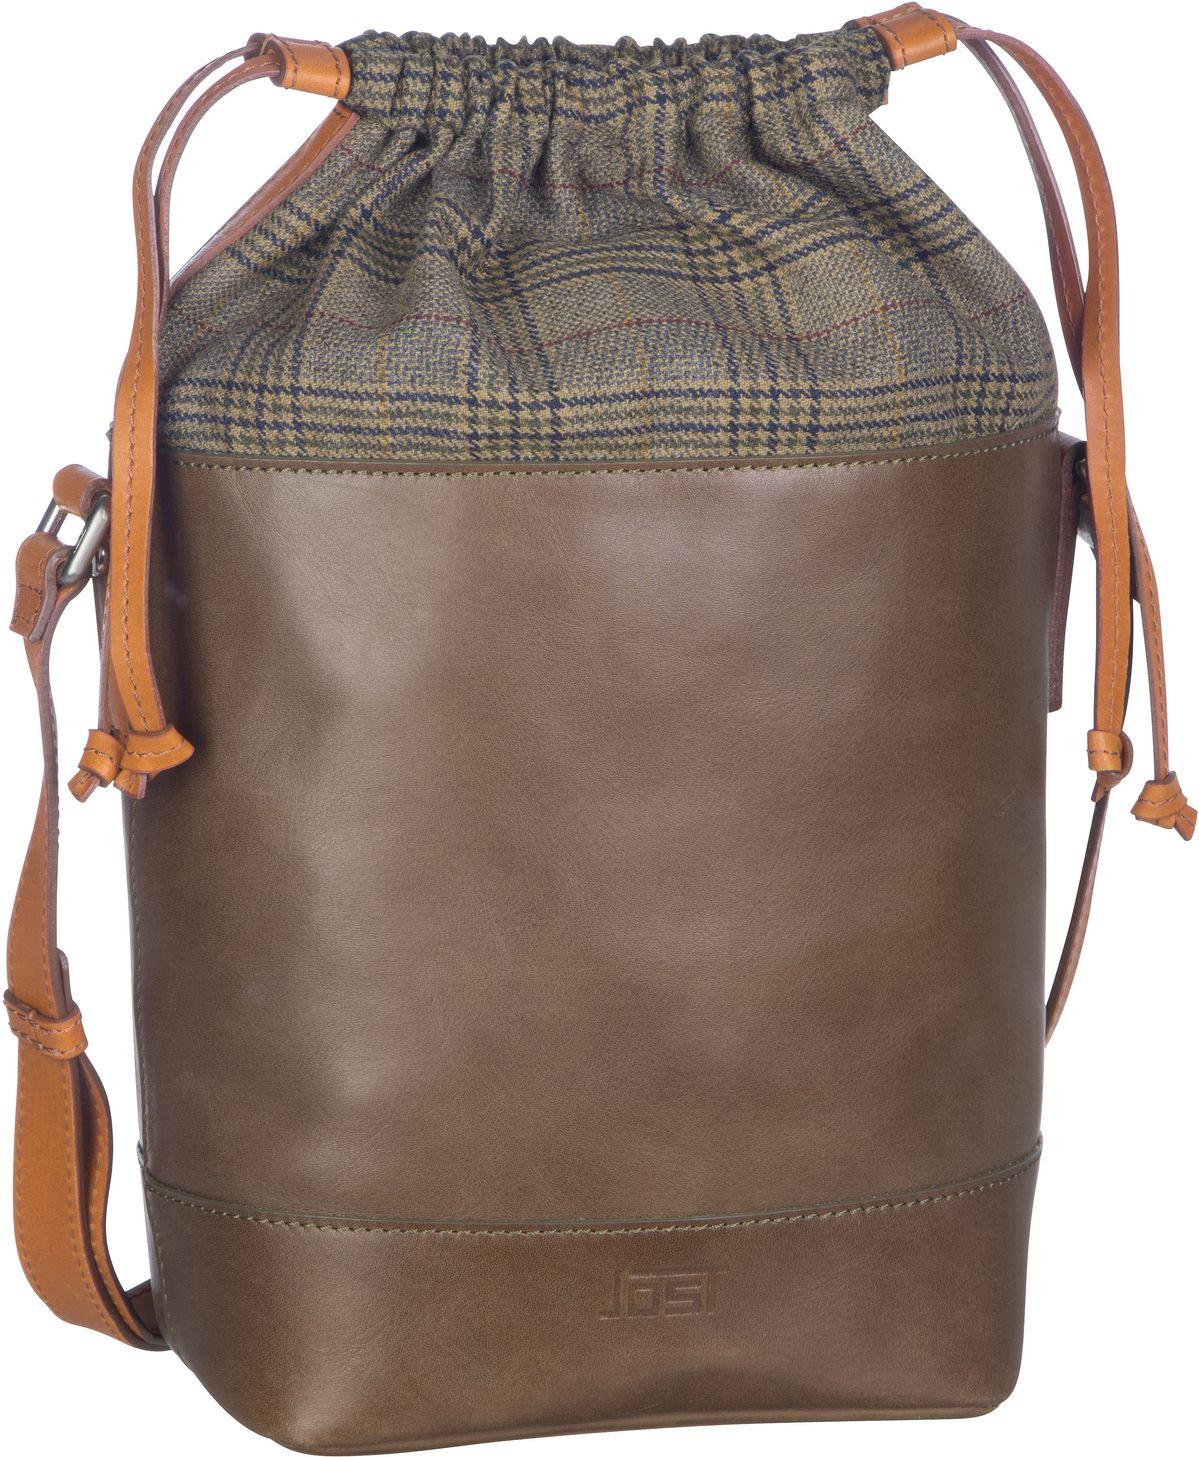 Handtasche Checks 7231 Umhängetasche Olive